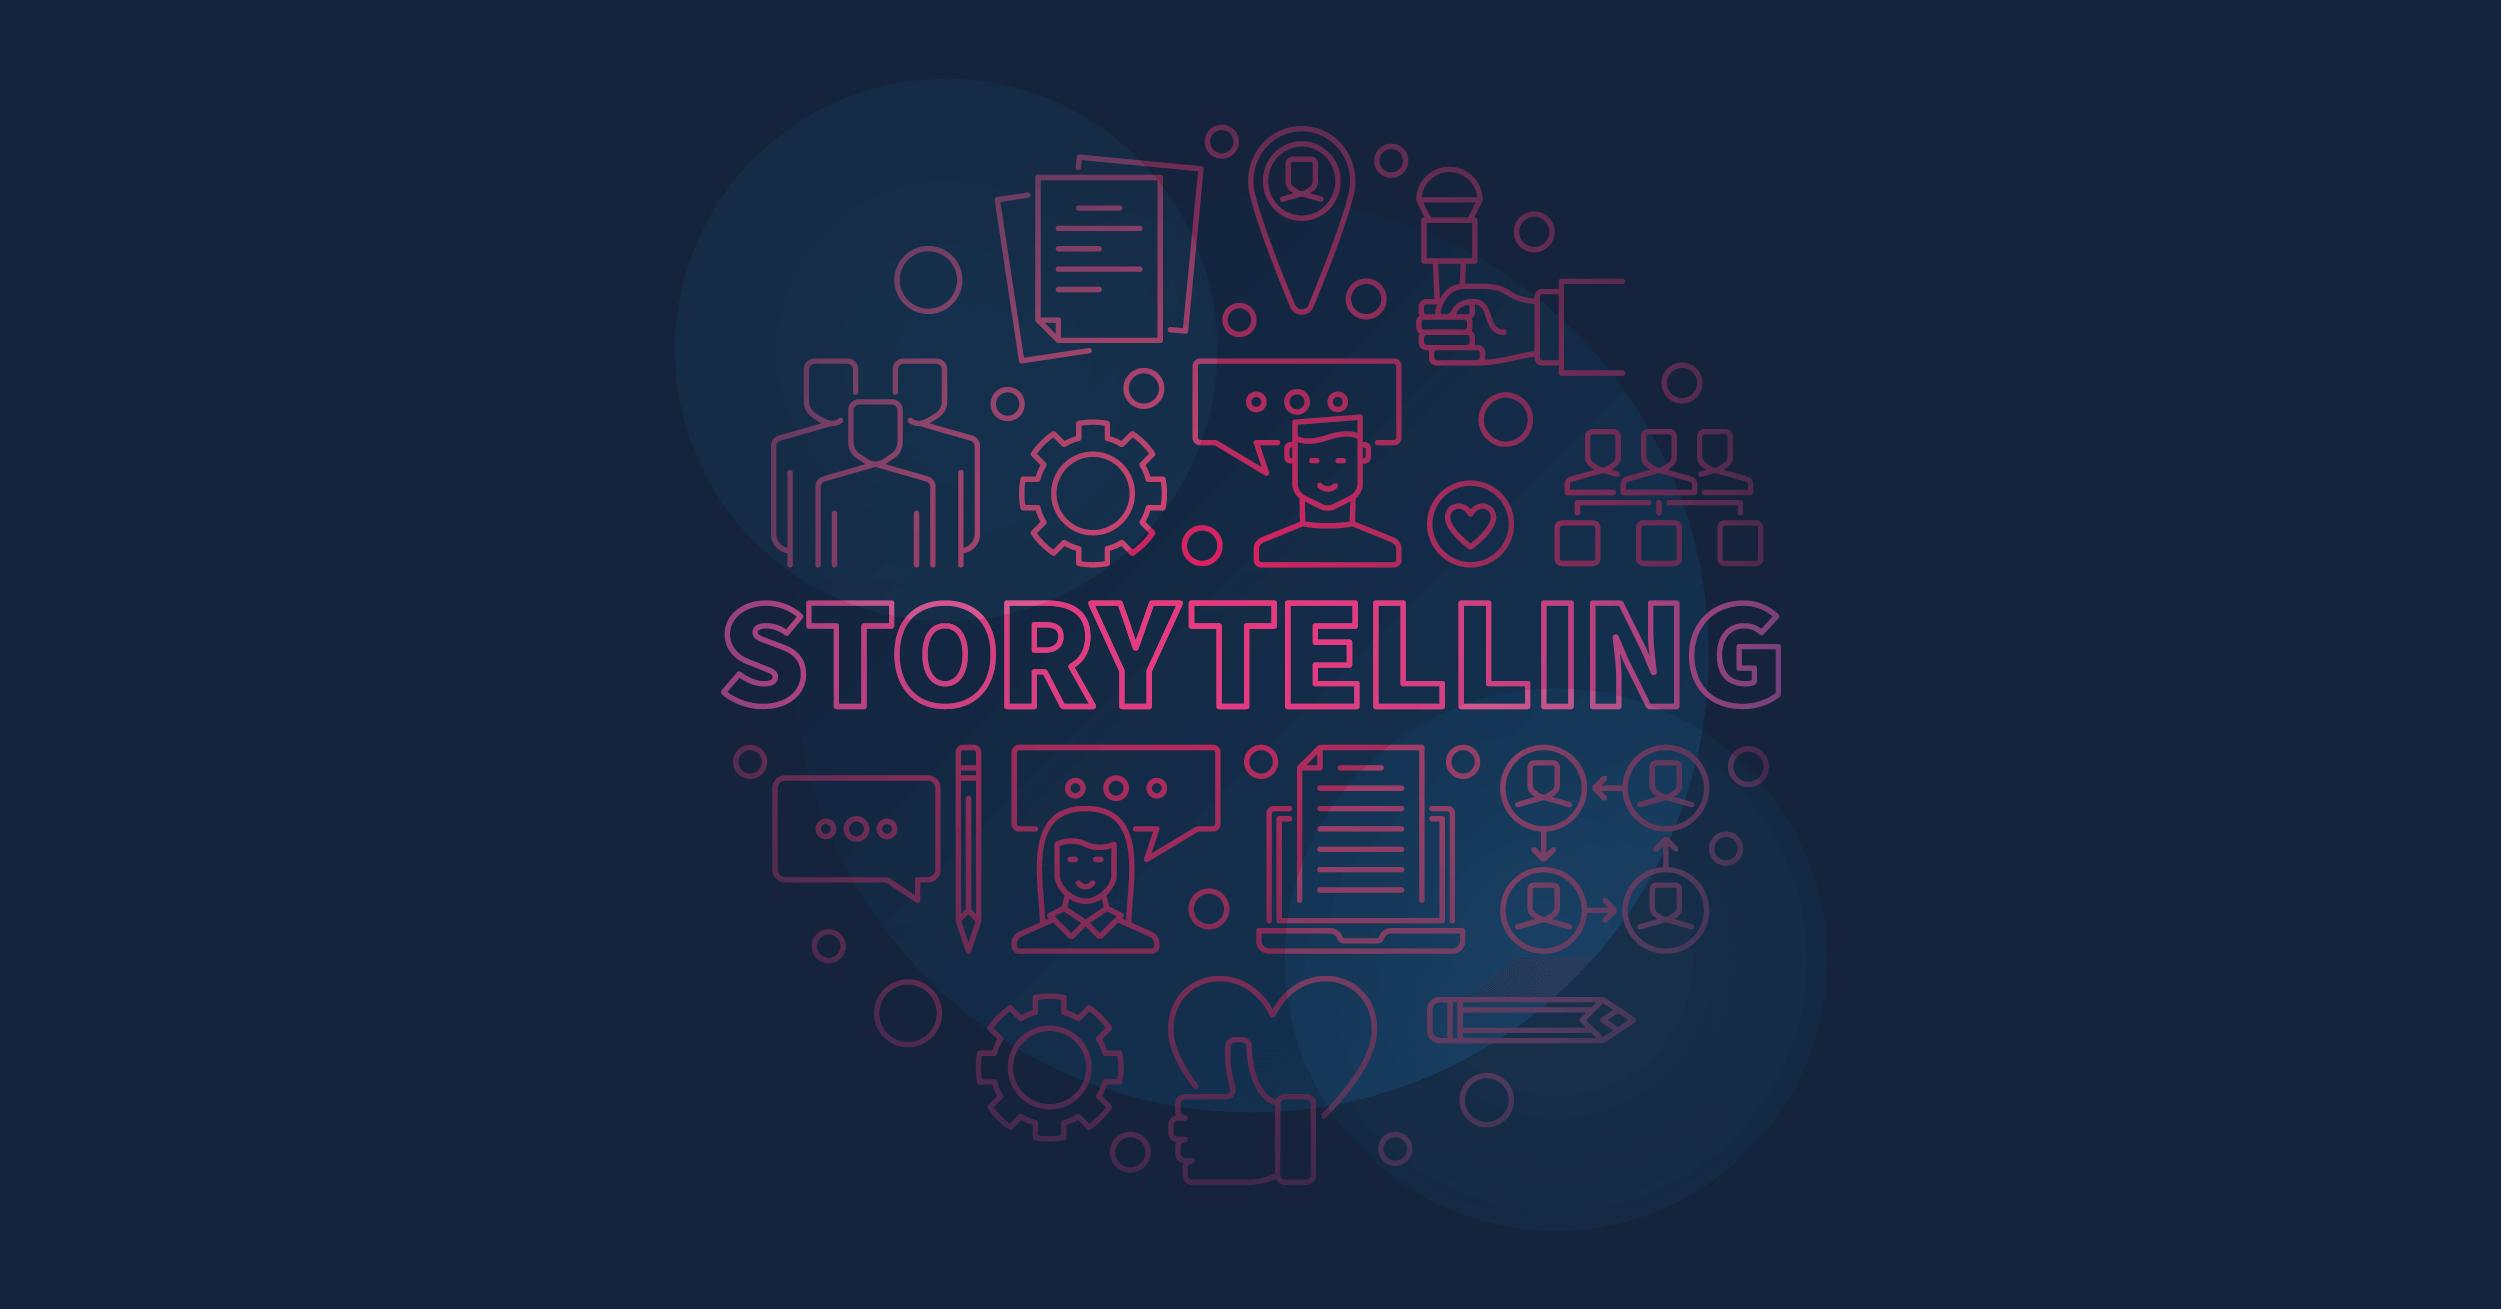 definição de storytelling